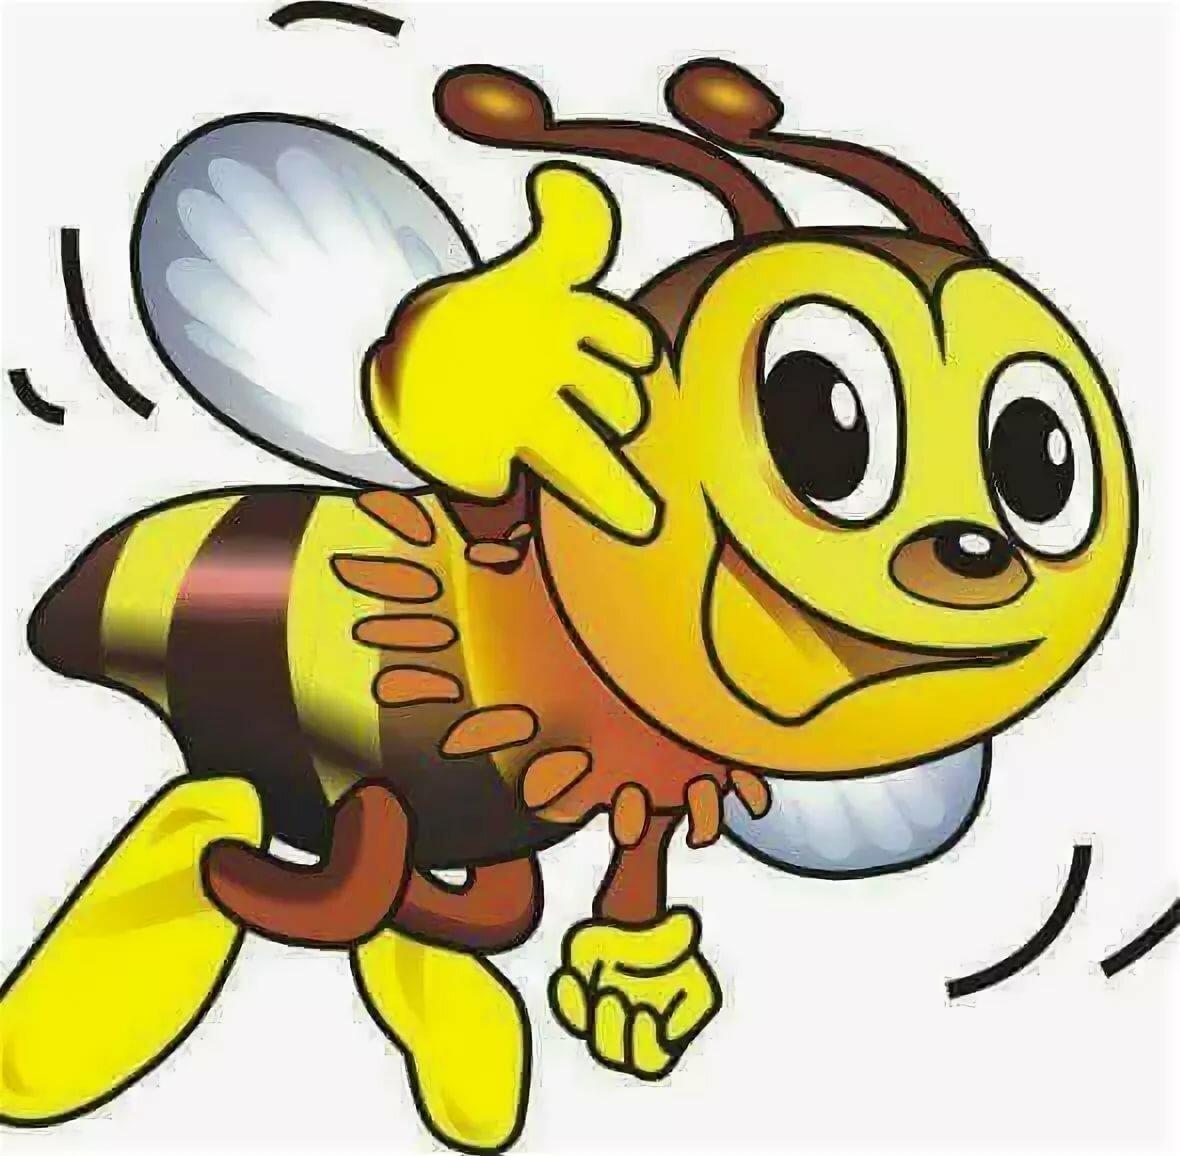 Картинки смешных пчелок, красивые день святого